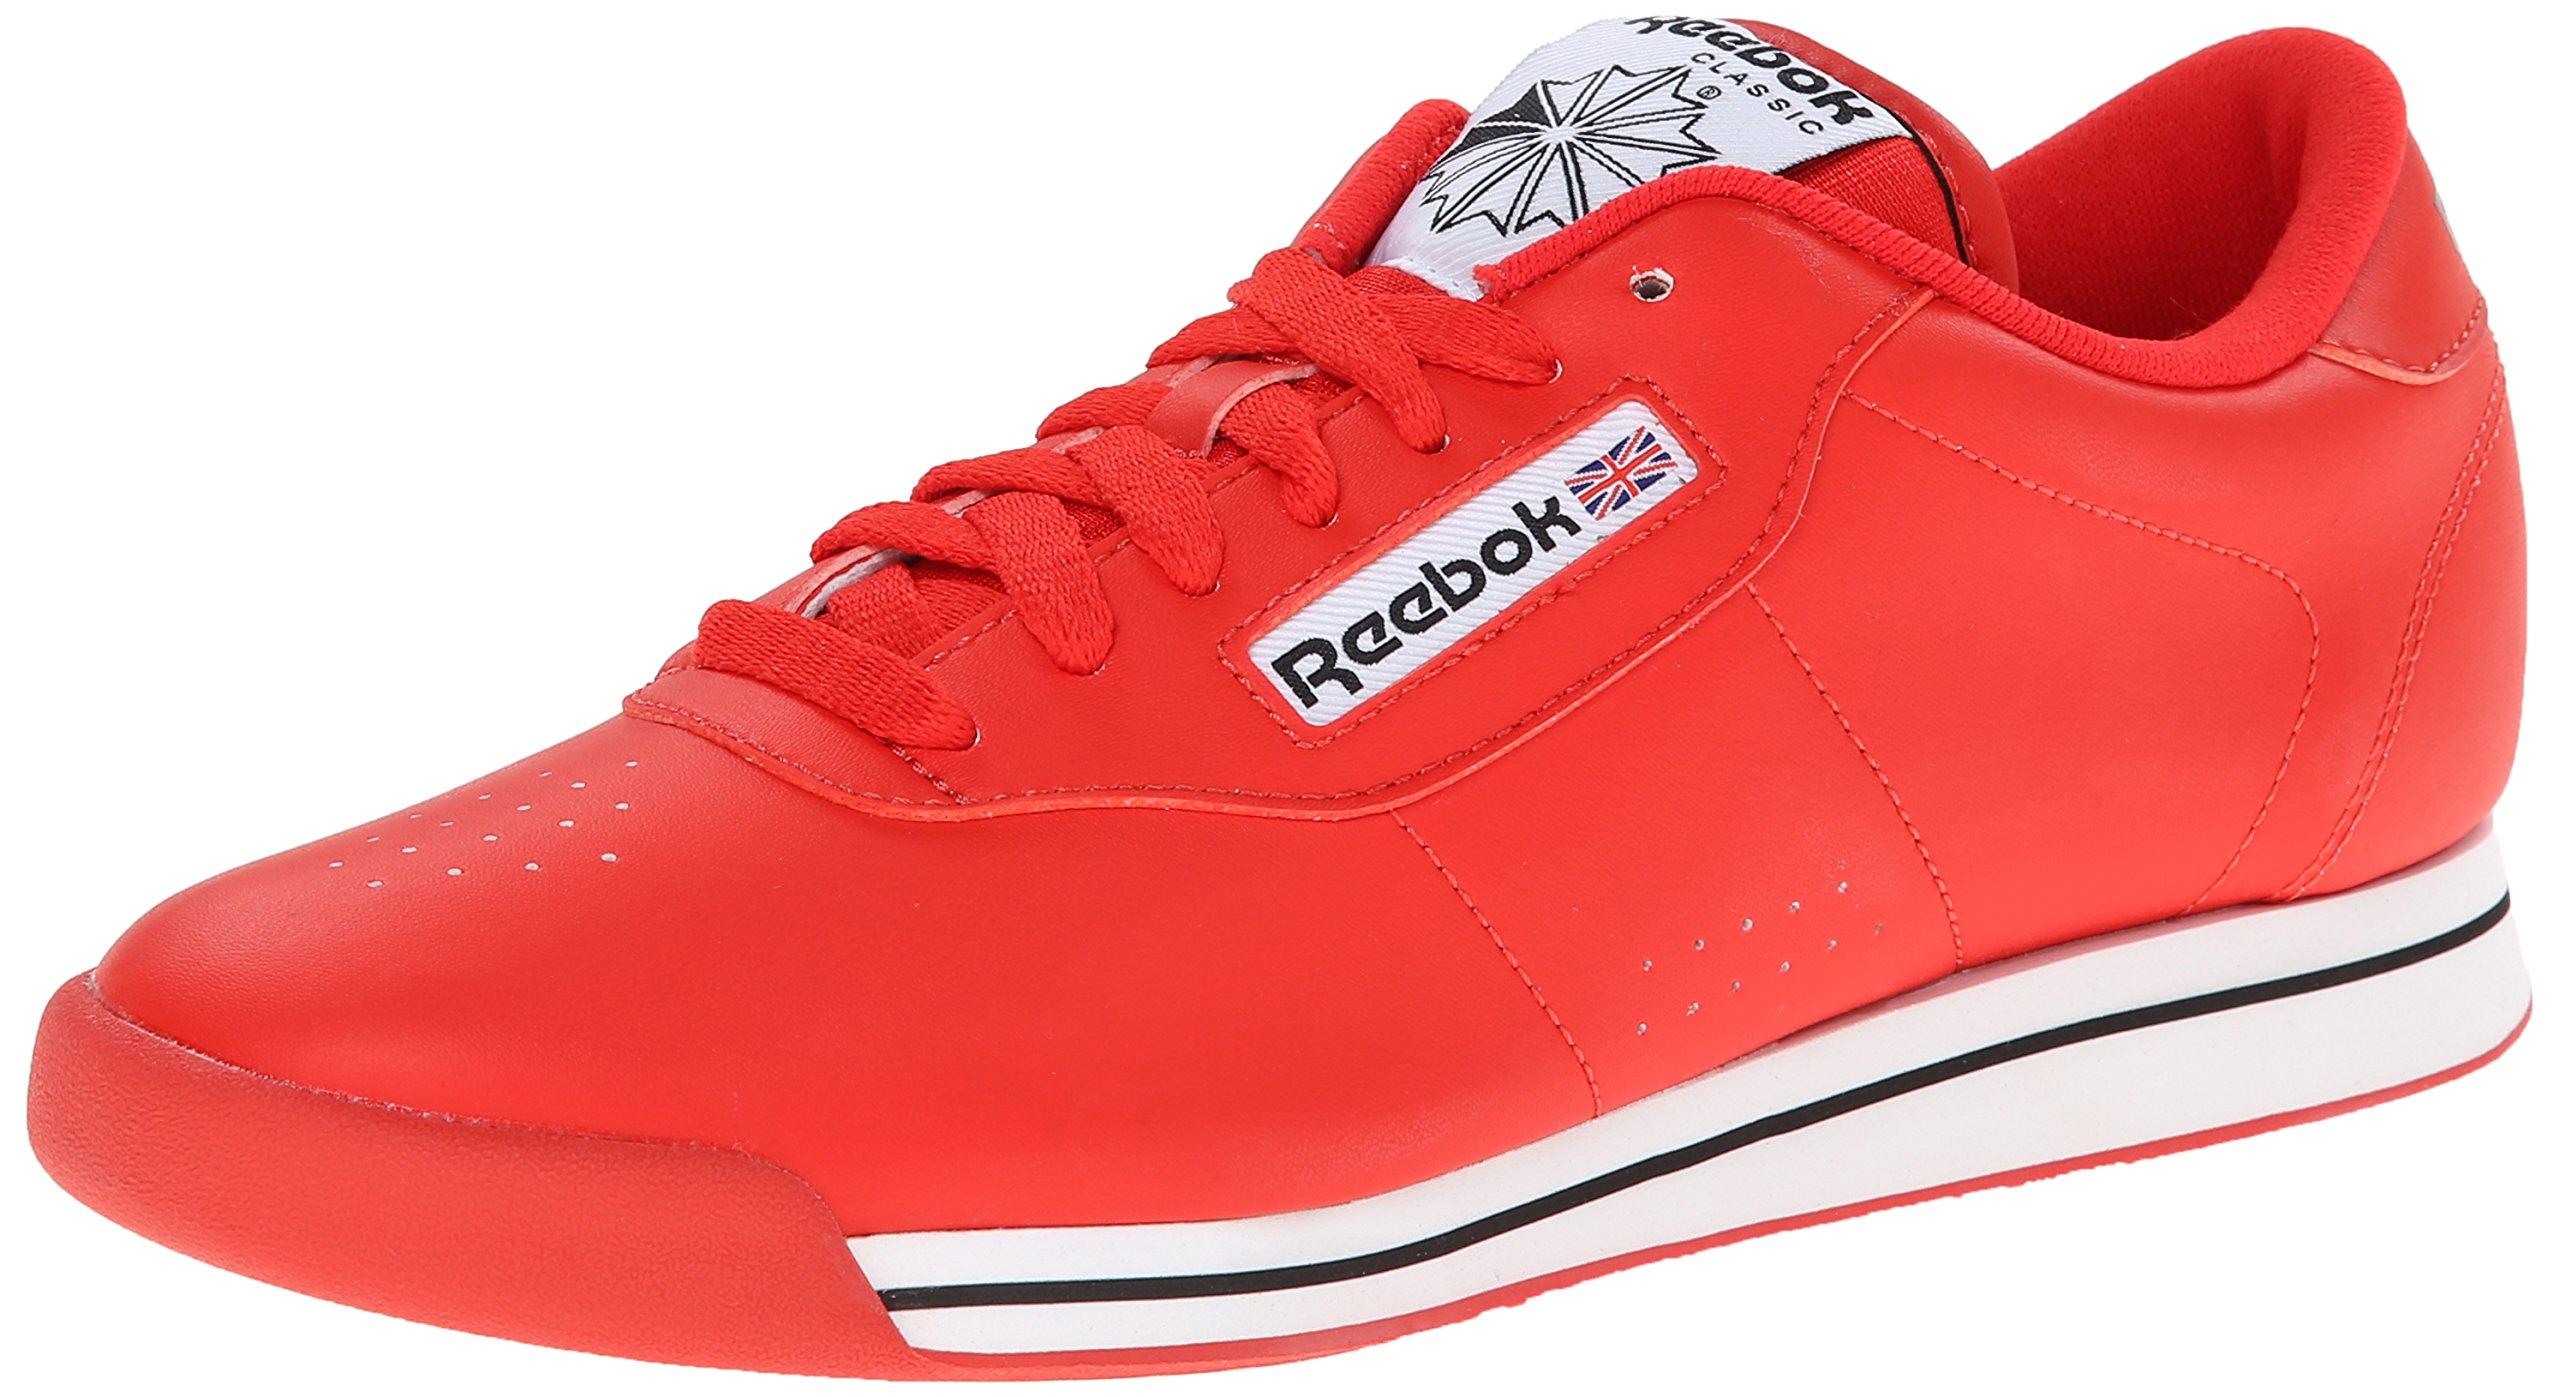 Reebok Women's Princess Classic Shoe, Techy Red/White/Black, 7 M US